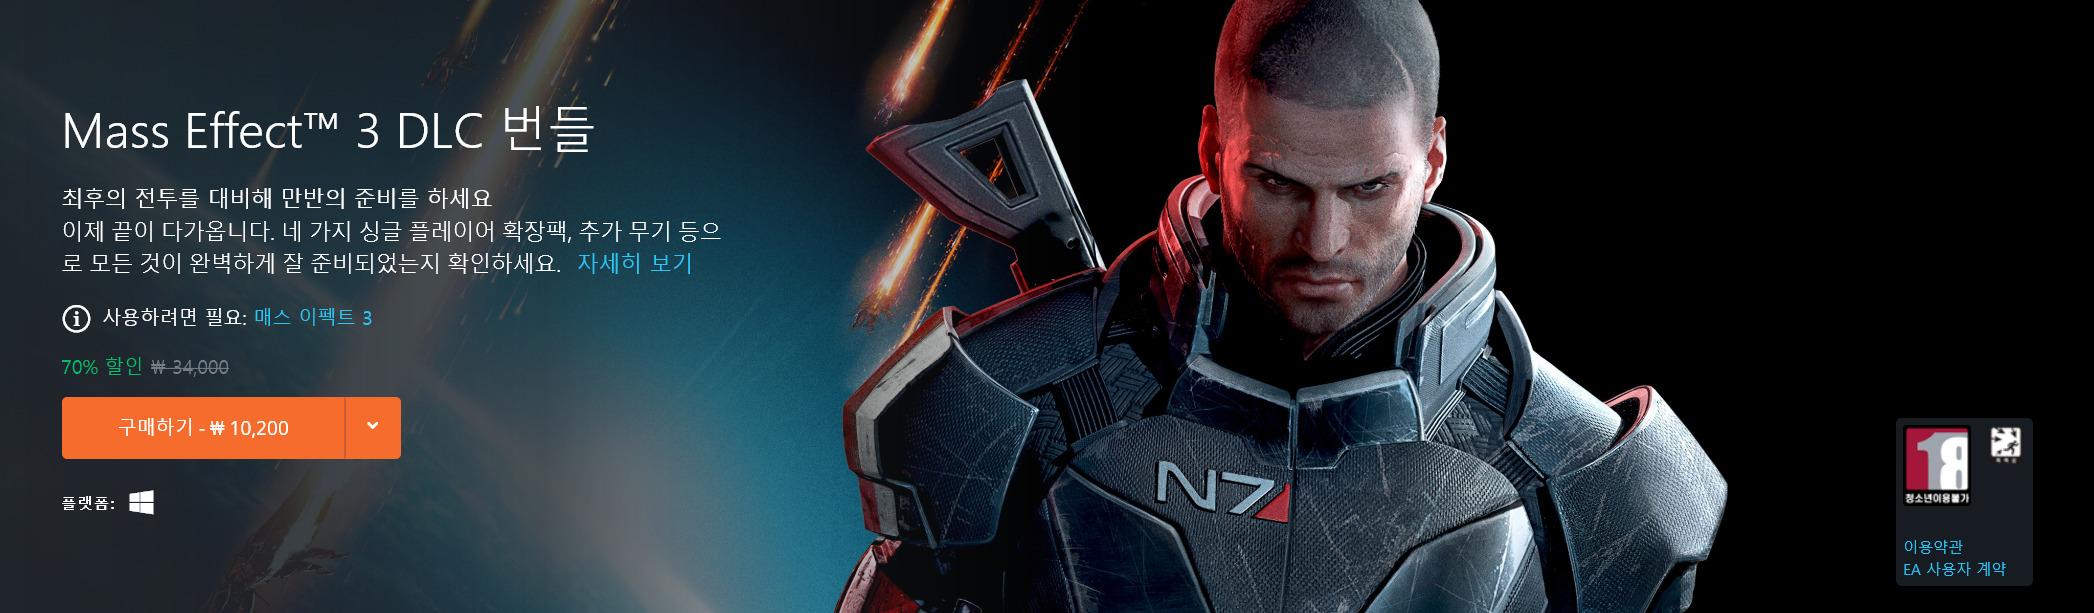 Screenshot_2020-05-12 PC 용 Mass Effect™ 3 DLC 번들.jpg